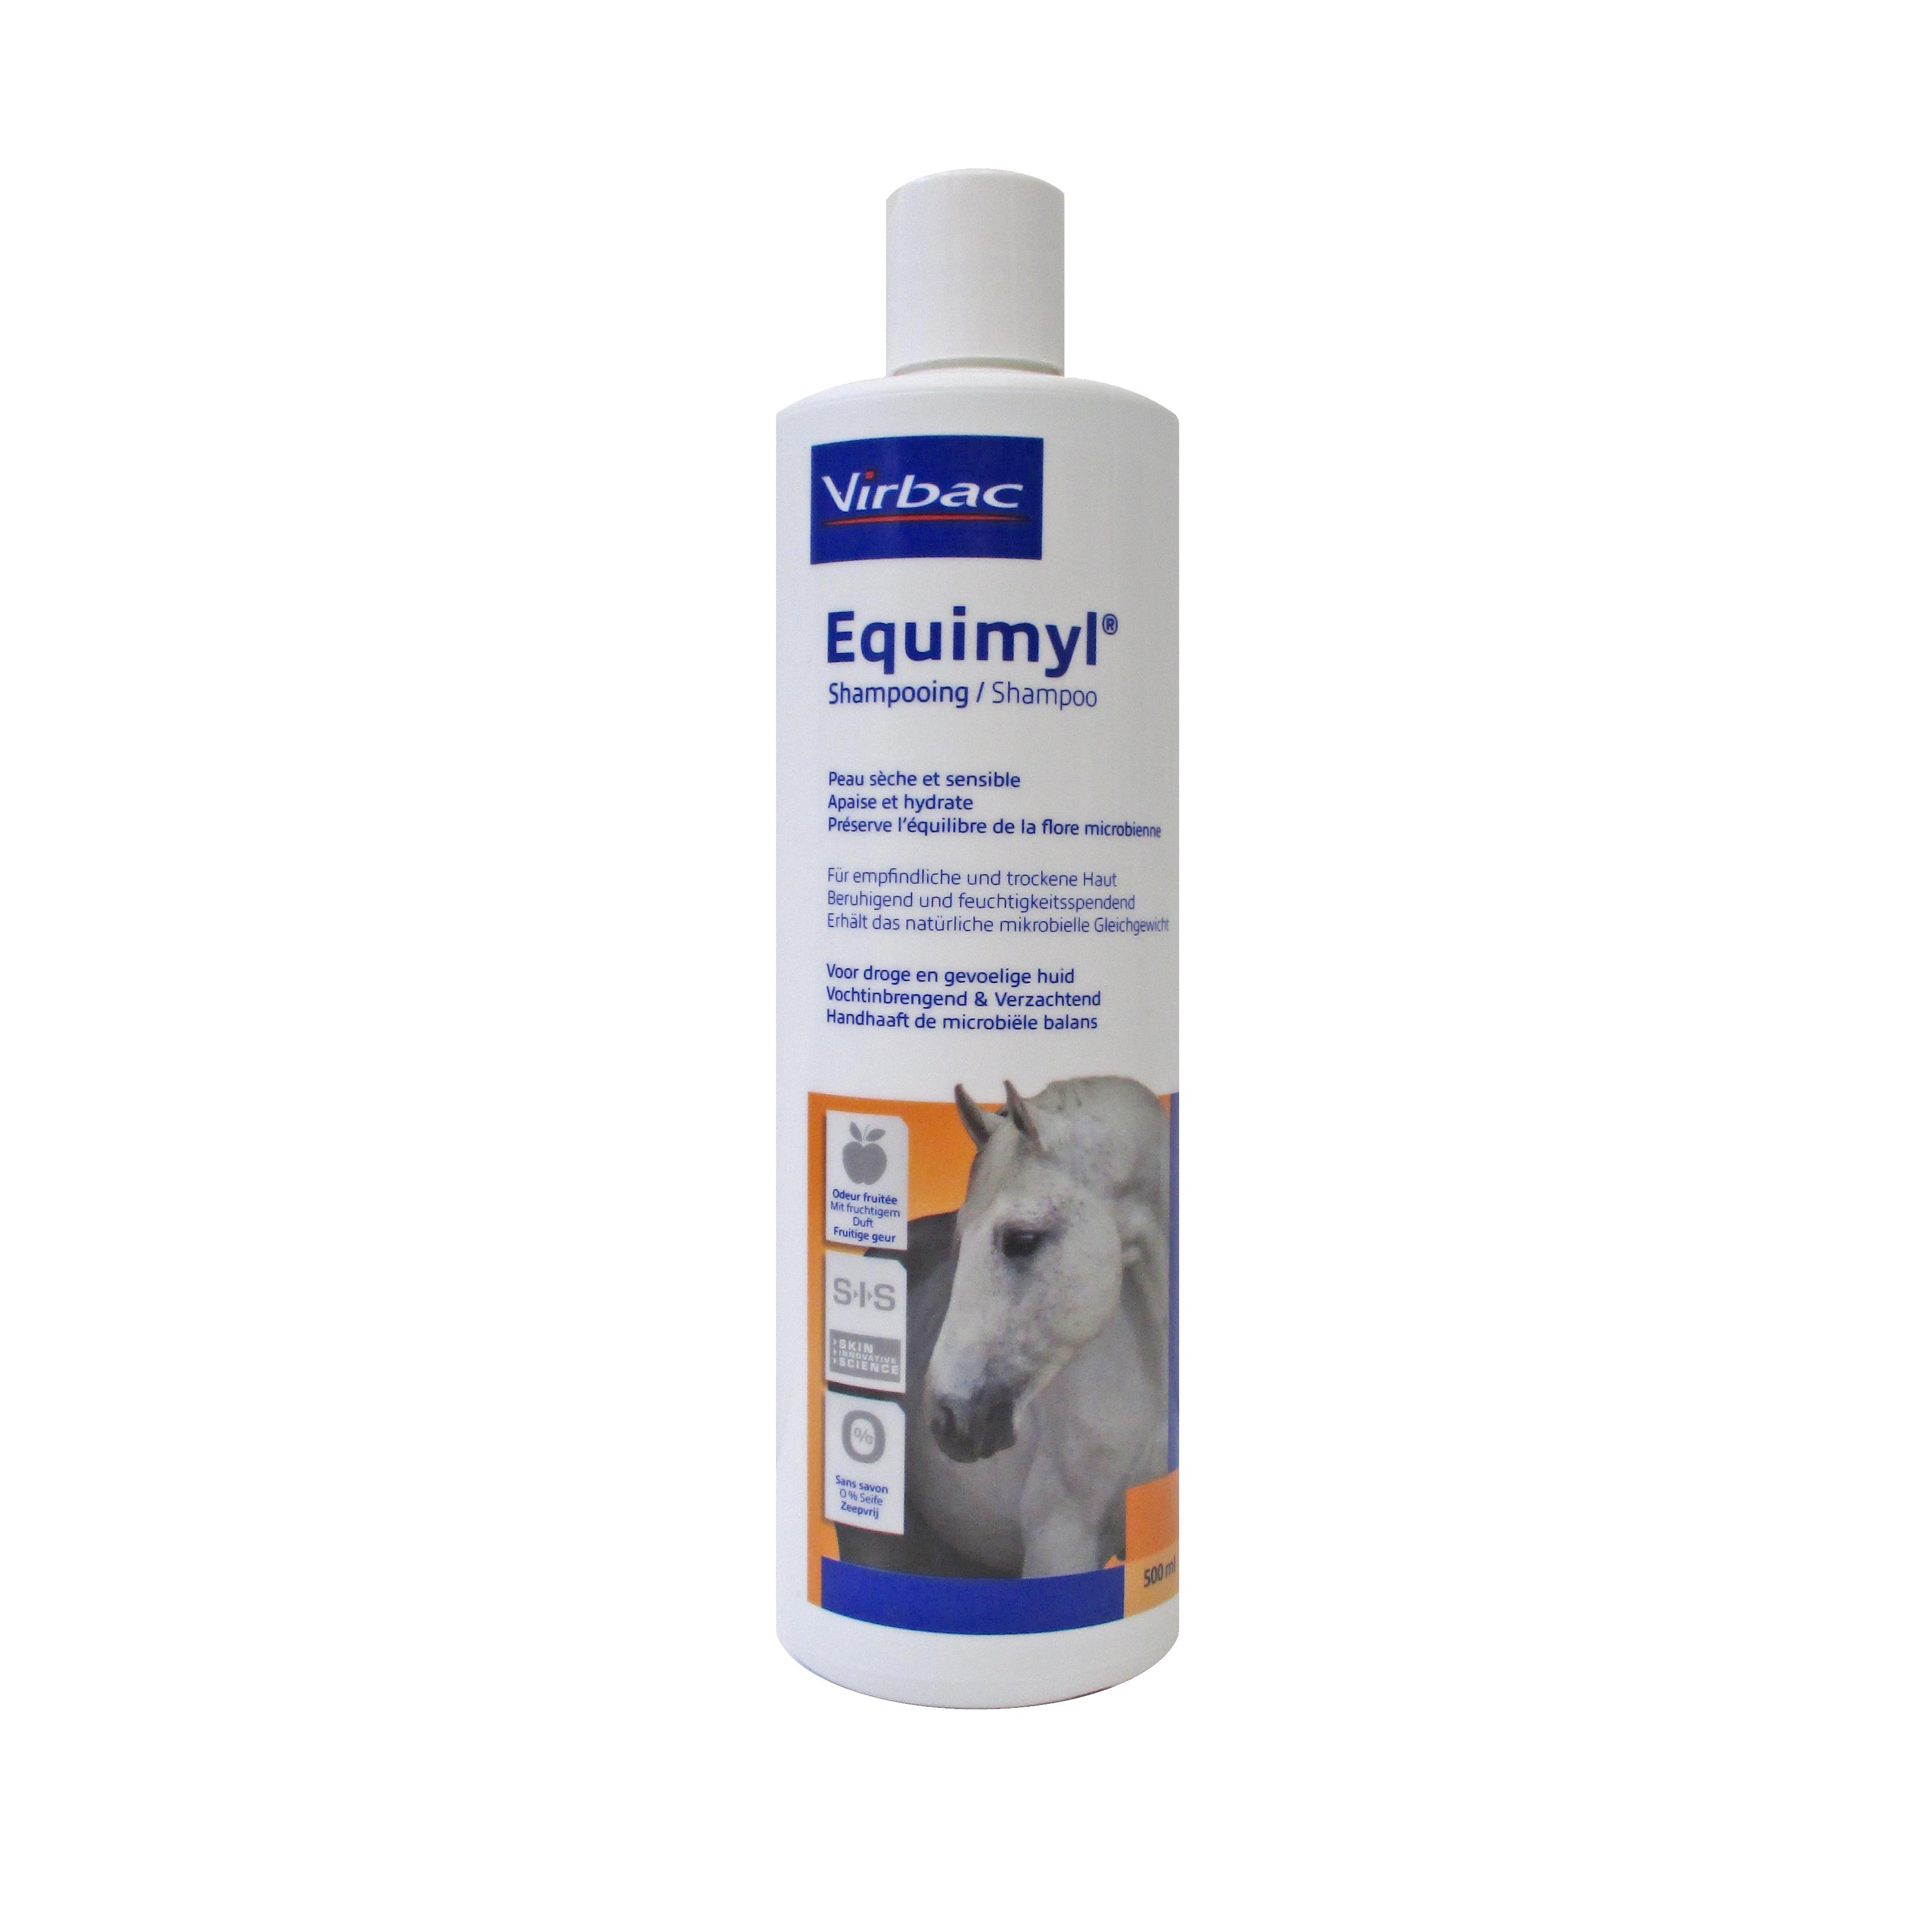 Equimyl Shampoo